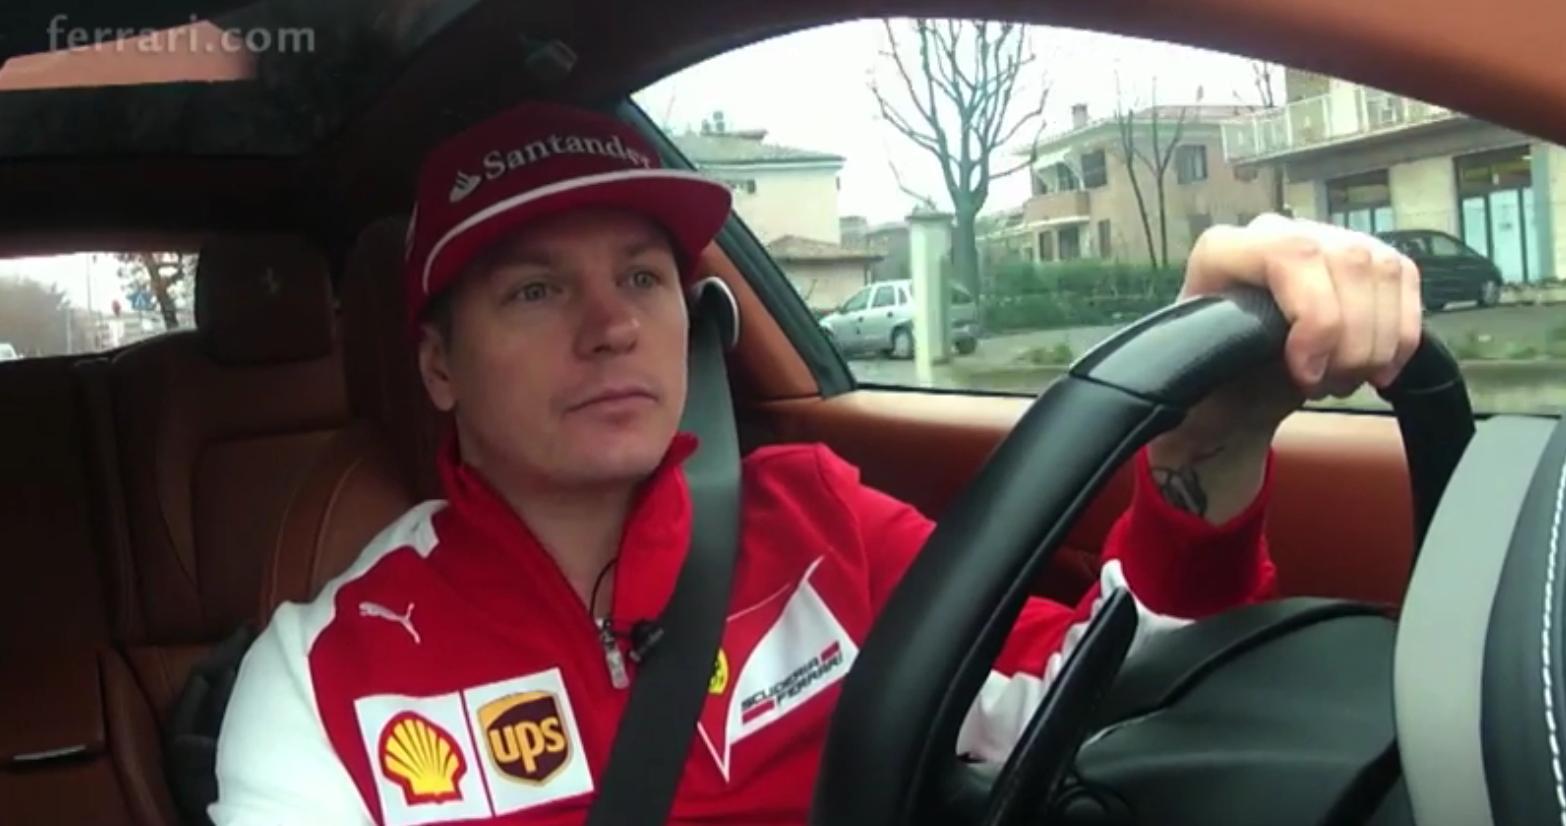 Levezető kör: Élő-képes rádiós adással jelentkezik az F1-live.hu! 18:00-20:00